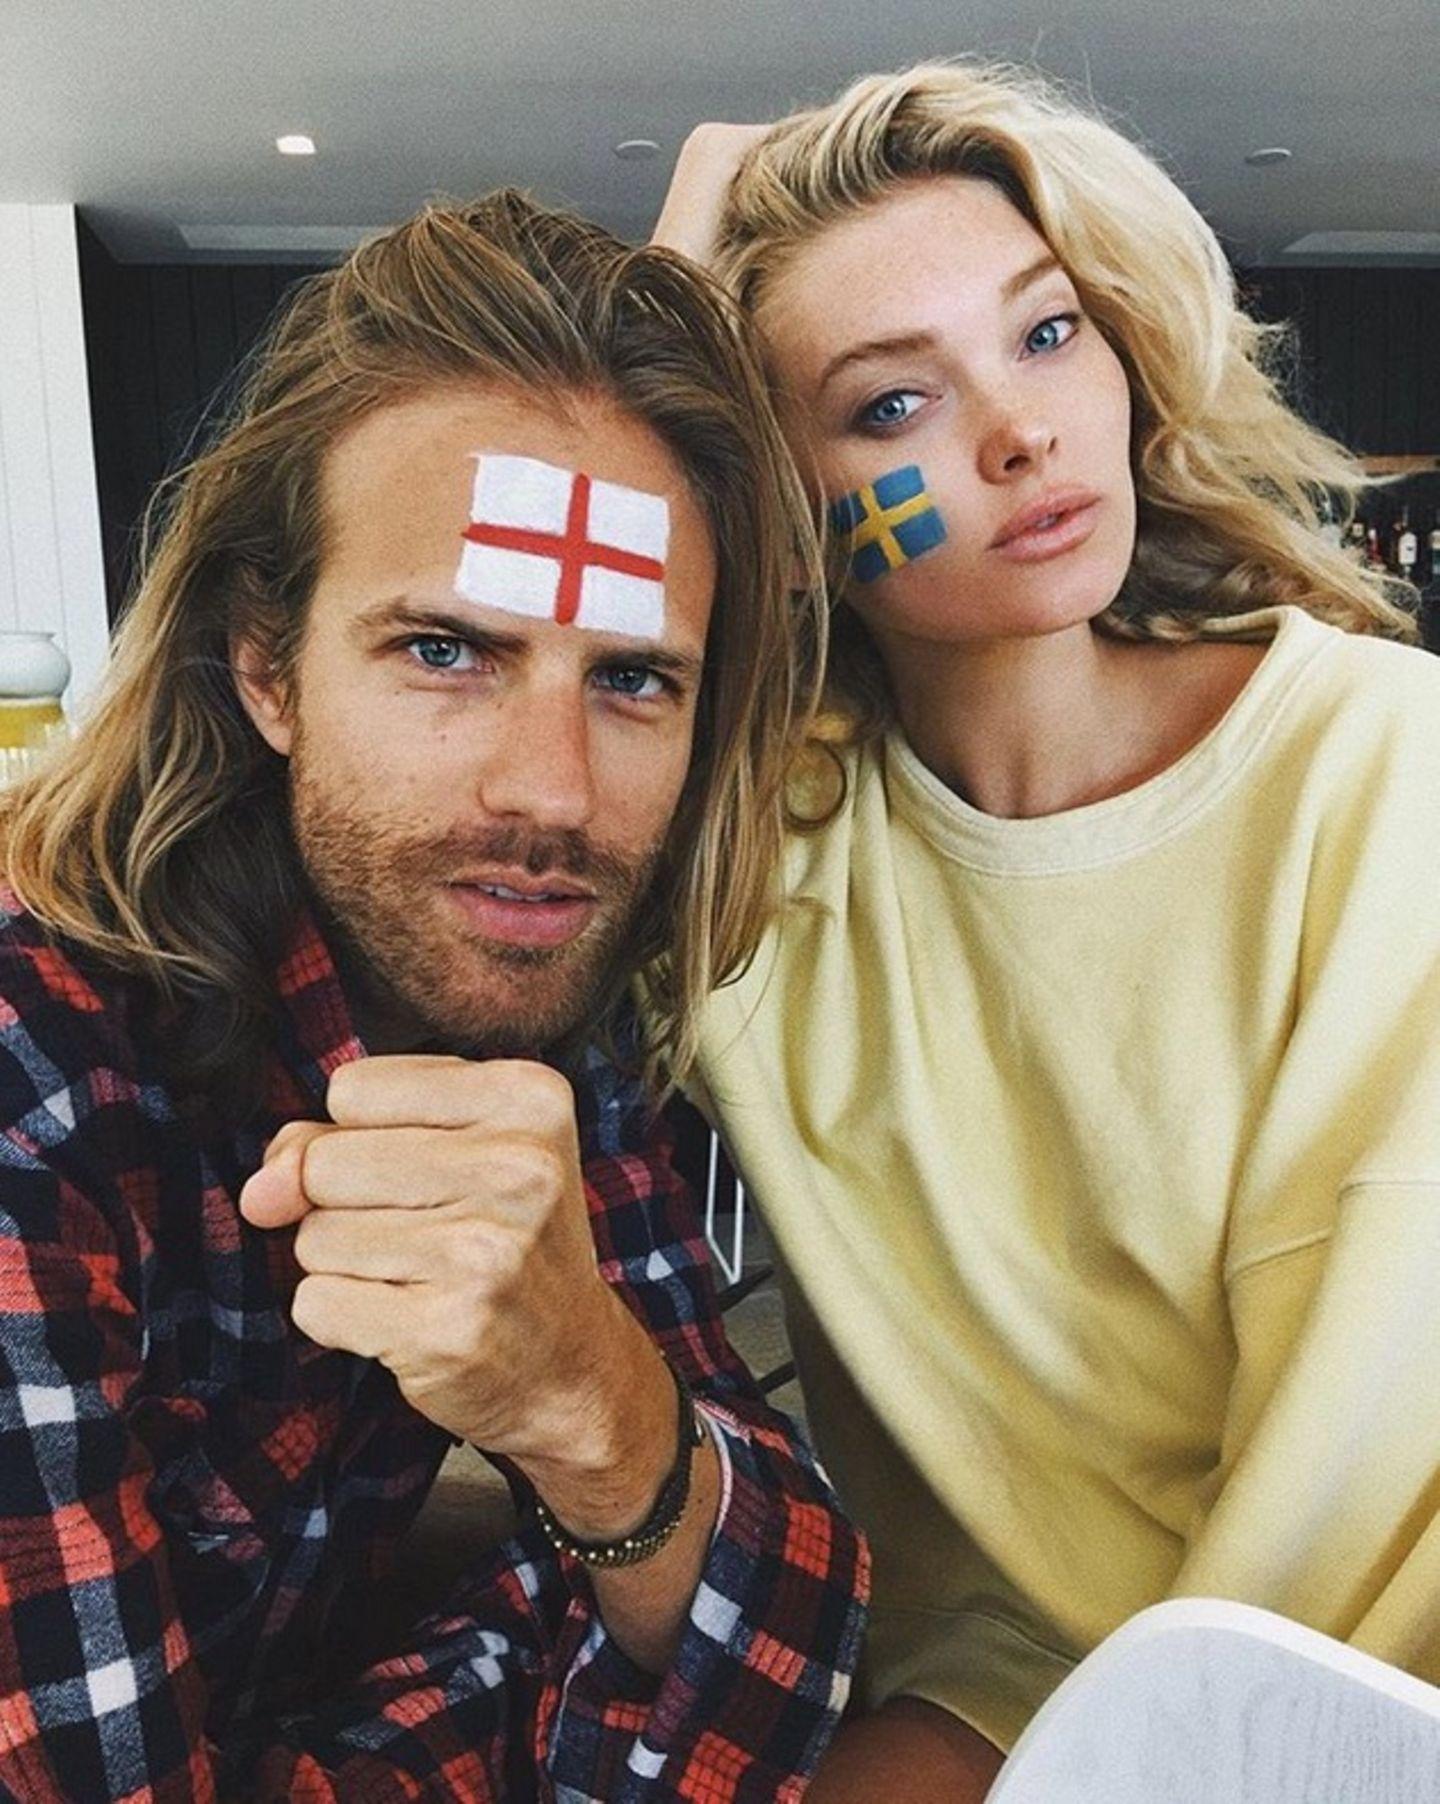 Model Elsa Hosk und ihr Freund Tom Daly feuern unterschiedliche Mannschaften an. Elsa ist natürlich für das Team ihres Heimatlandes Schweden, ihr Freund Tom Daly für England. Der Beziehung scheint es hoffentlich nicht zu schaden.